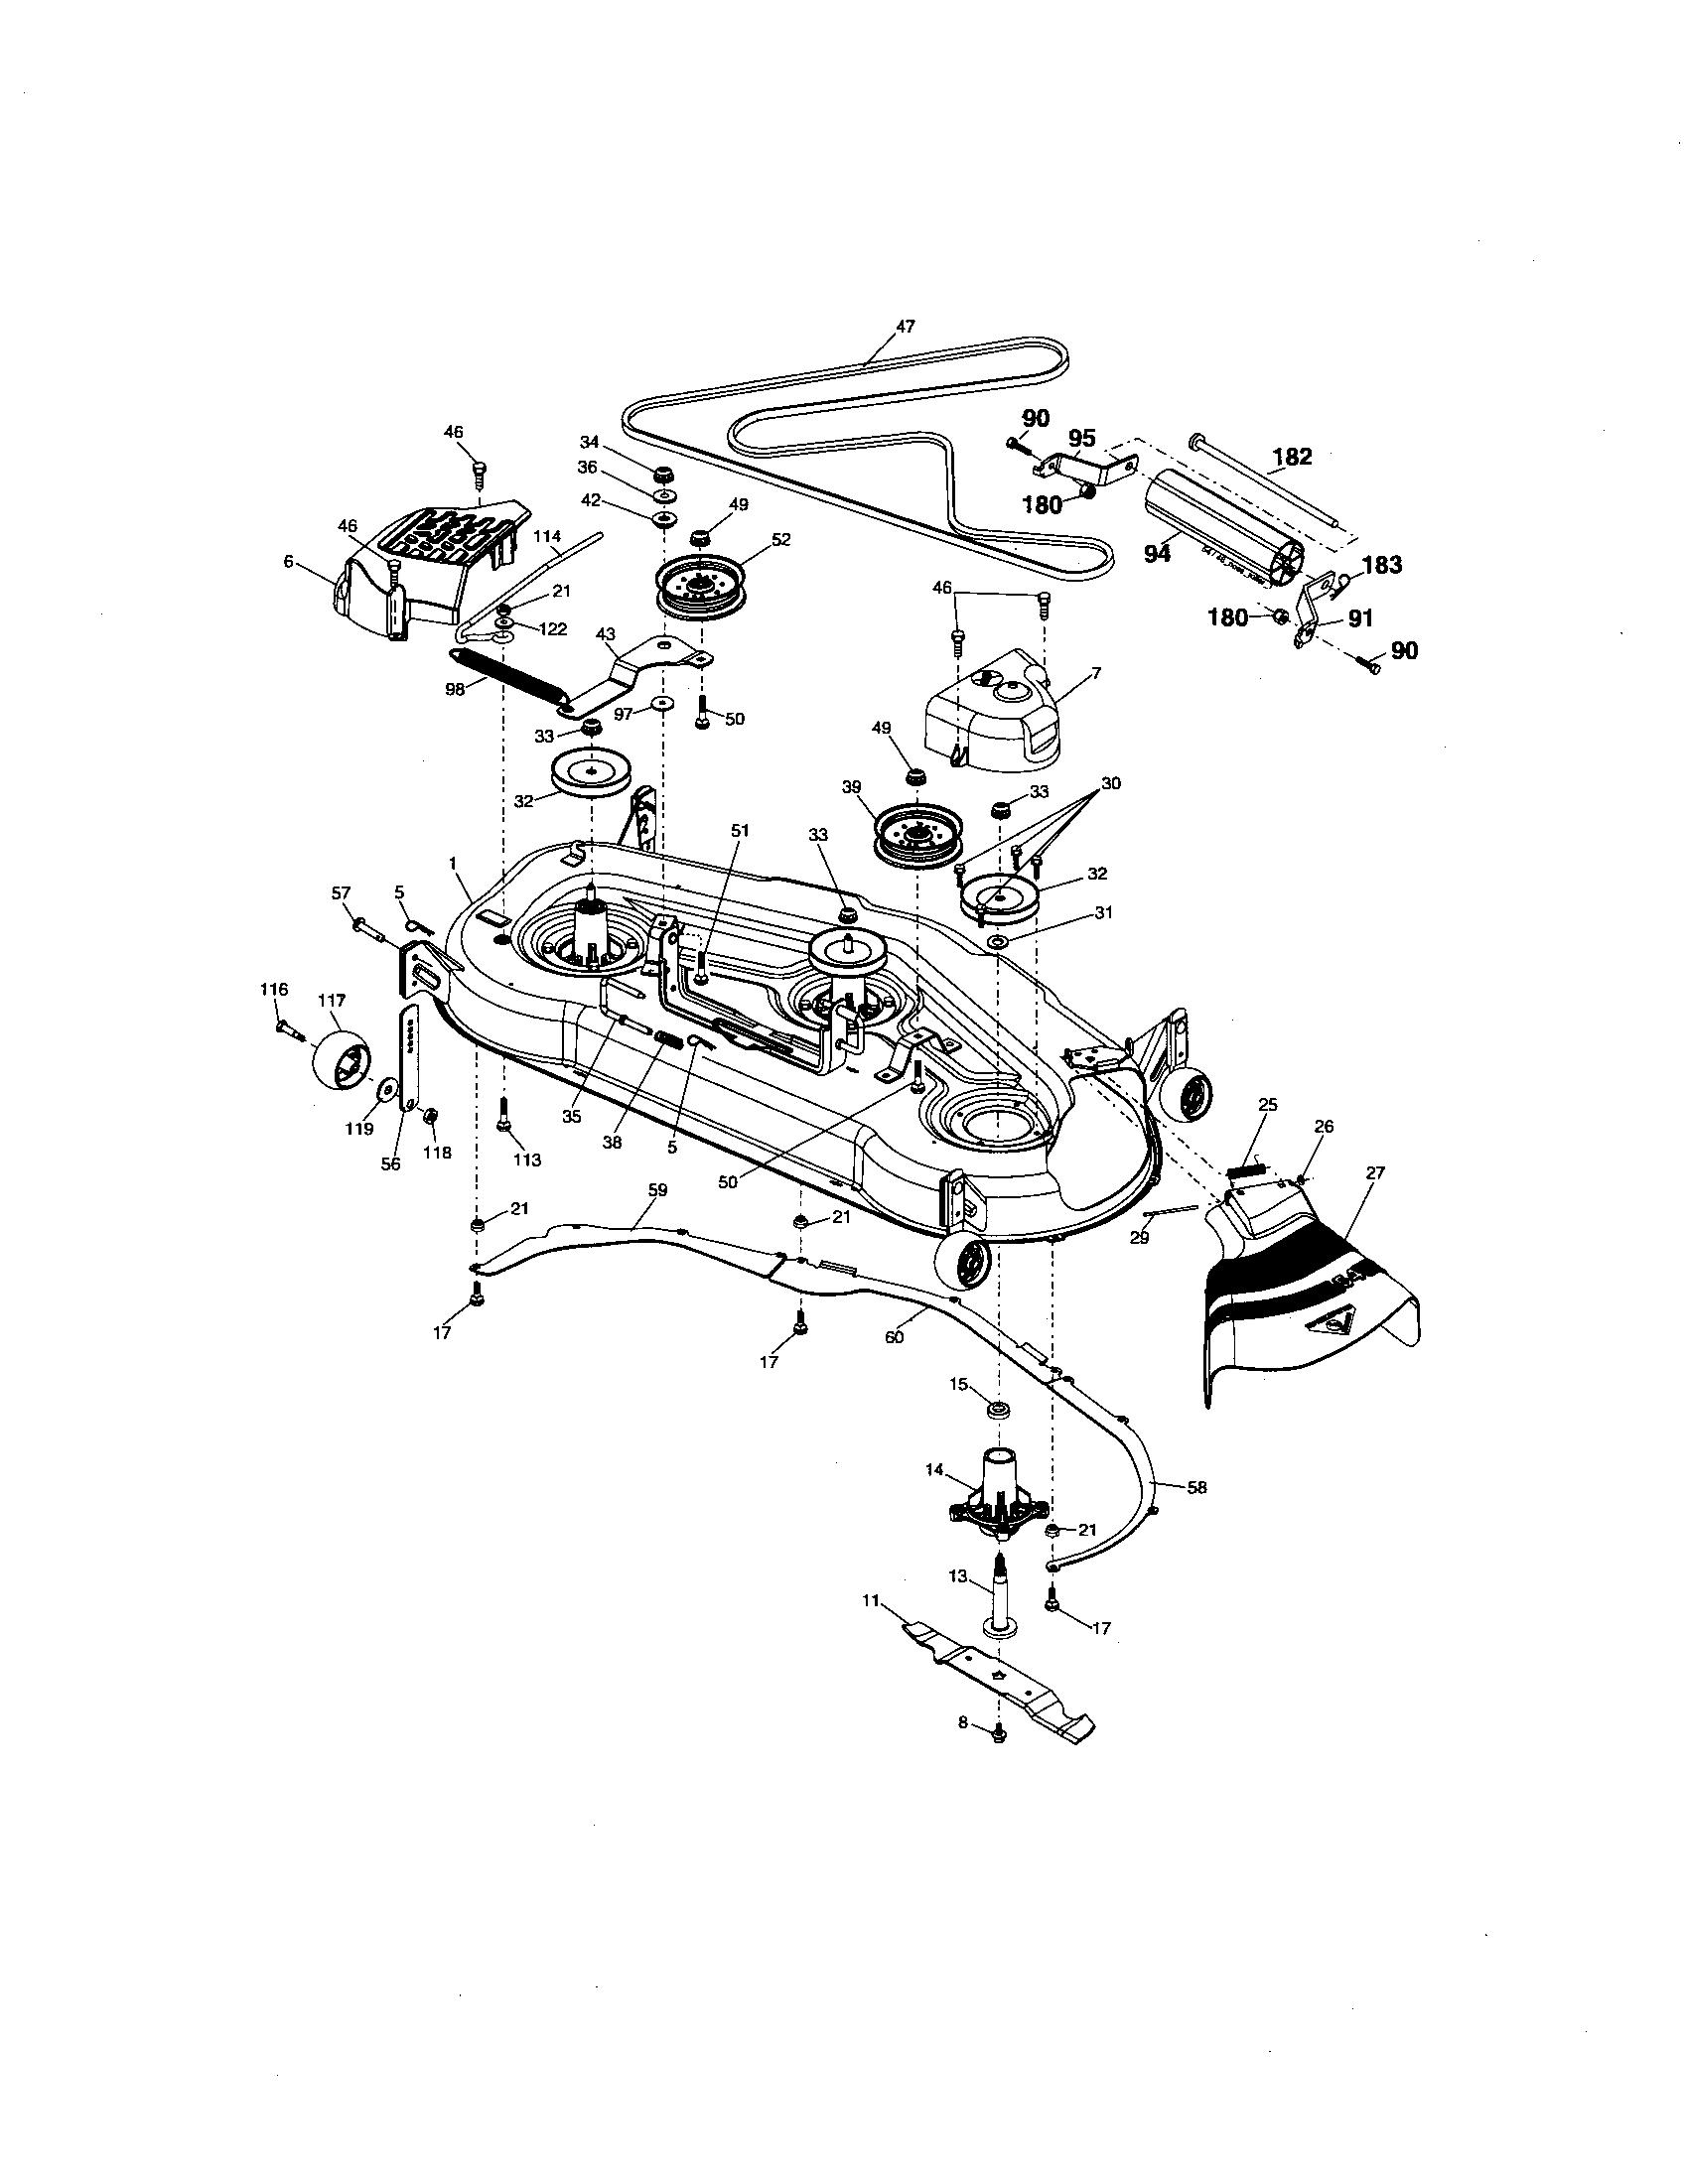 MOWER DECK Diagram & Parts List for Model 917276101